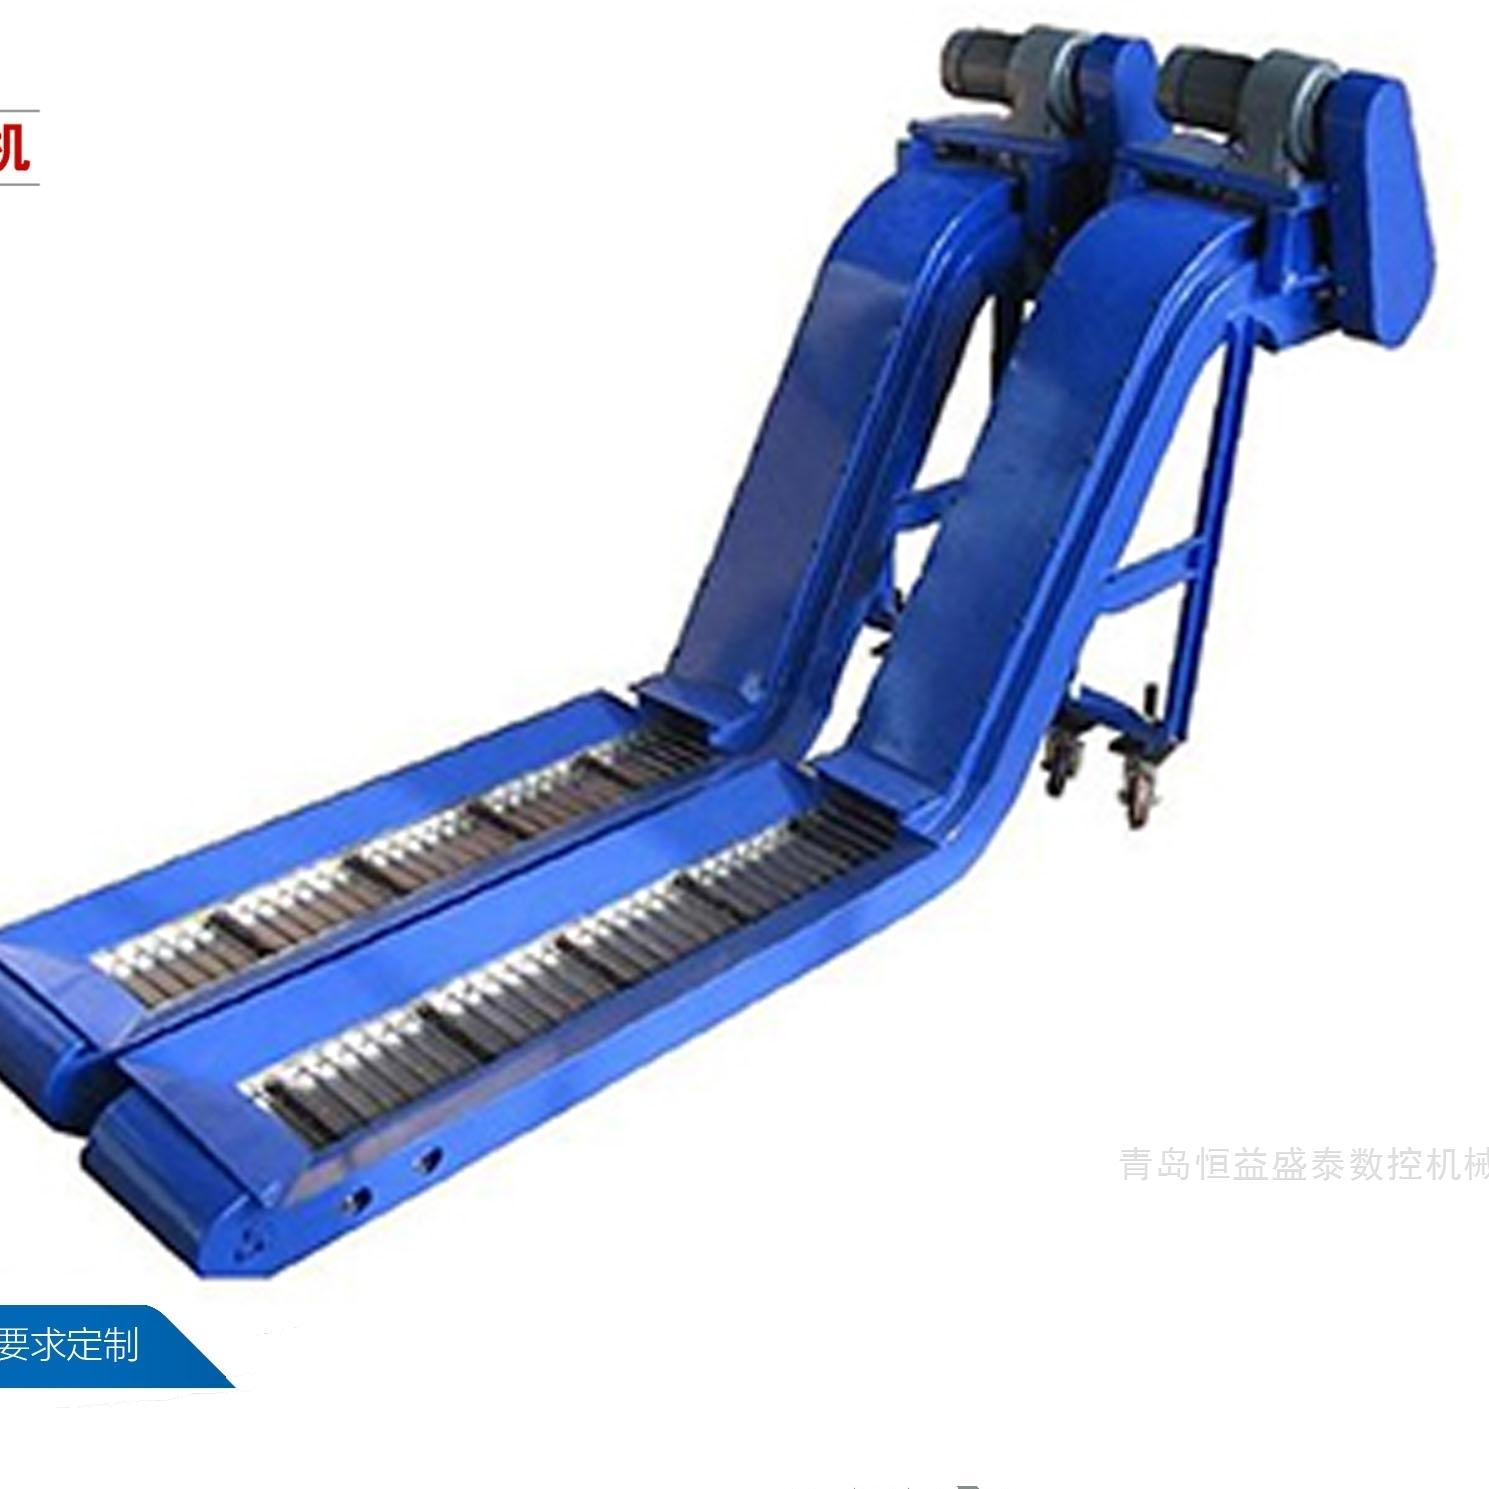 数控车床HL251-T751专用链板式排屑机厂家